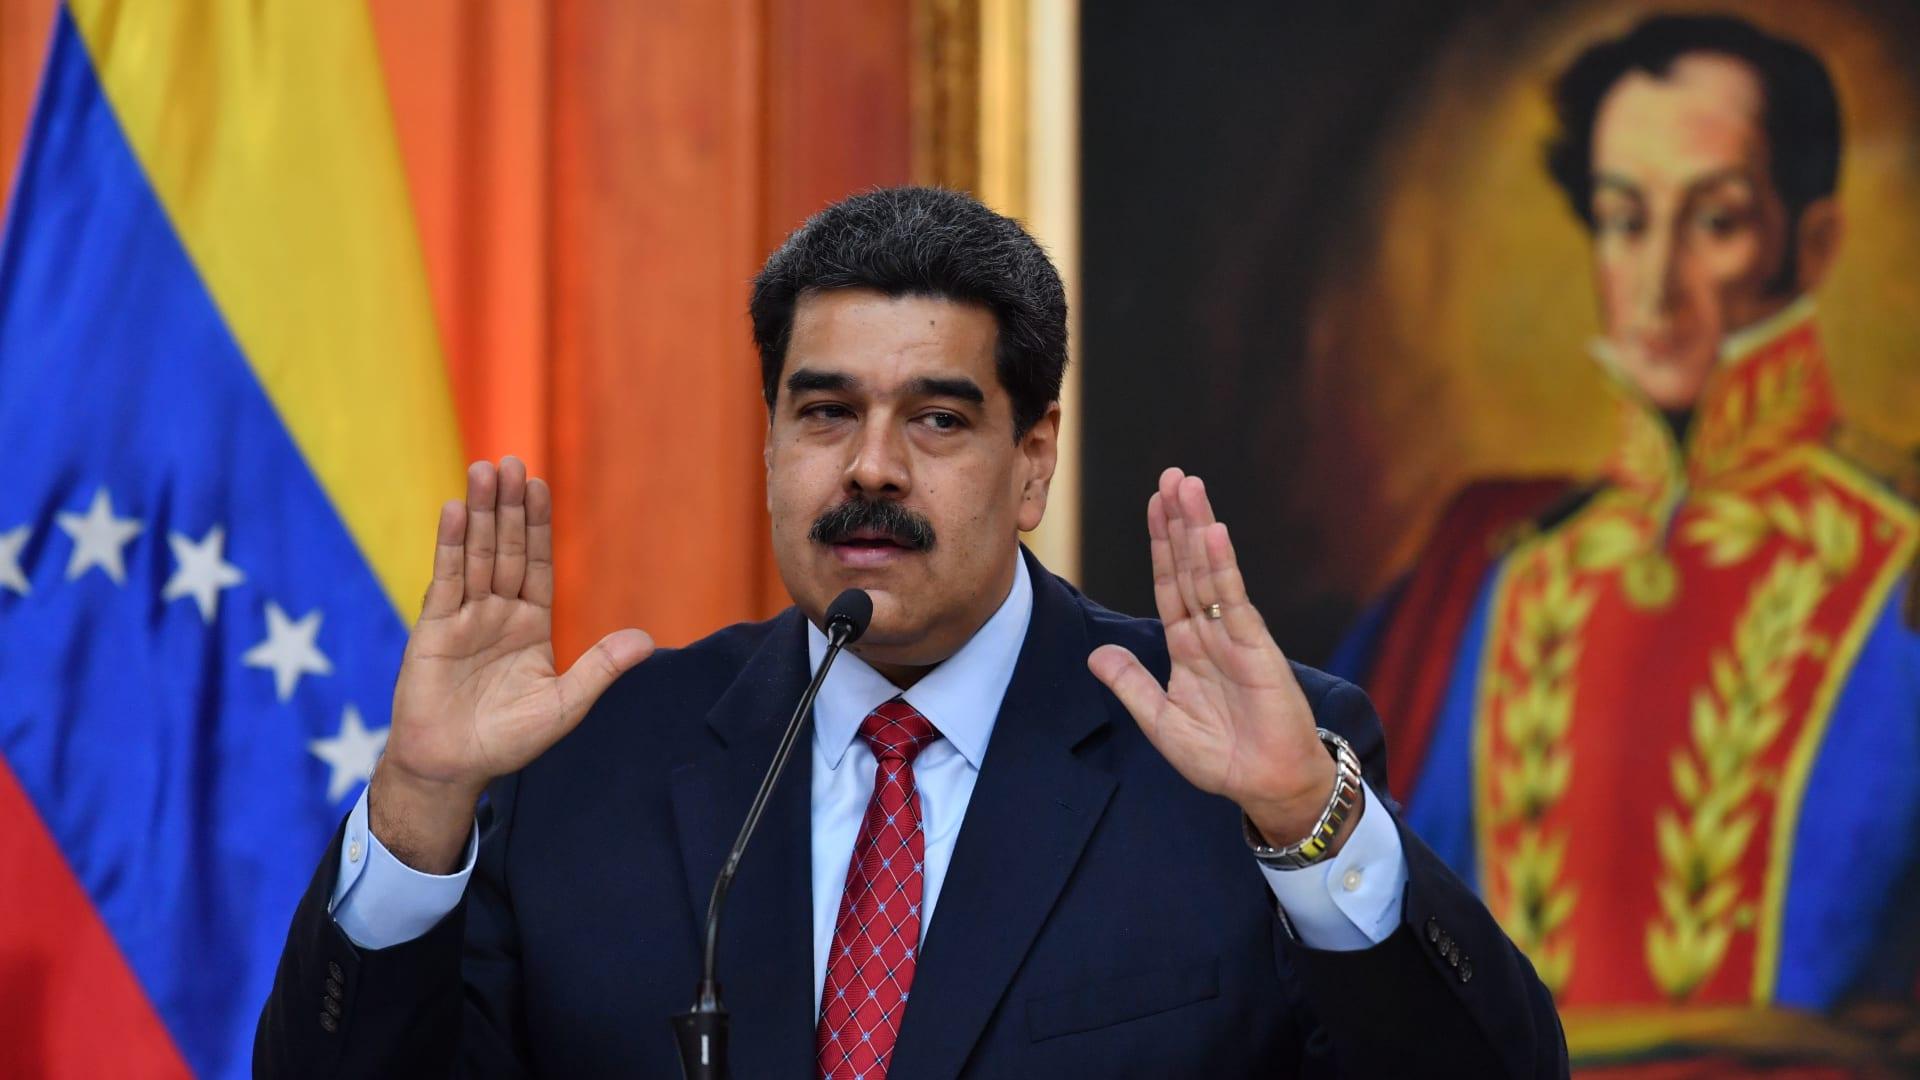 بنك إنجلترا يمنع رئيس فنزويلا من سحب ذهب بـ1.2 مليار دولار.. فما السبب؟